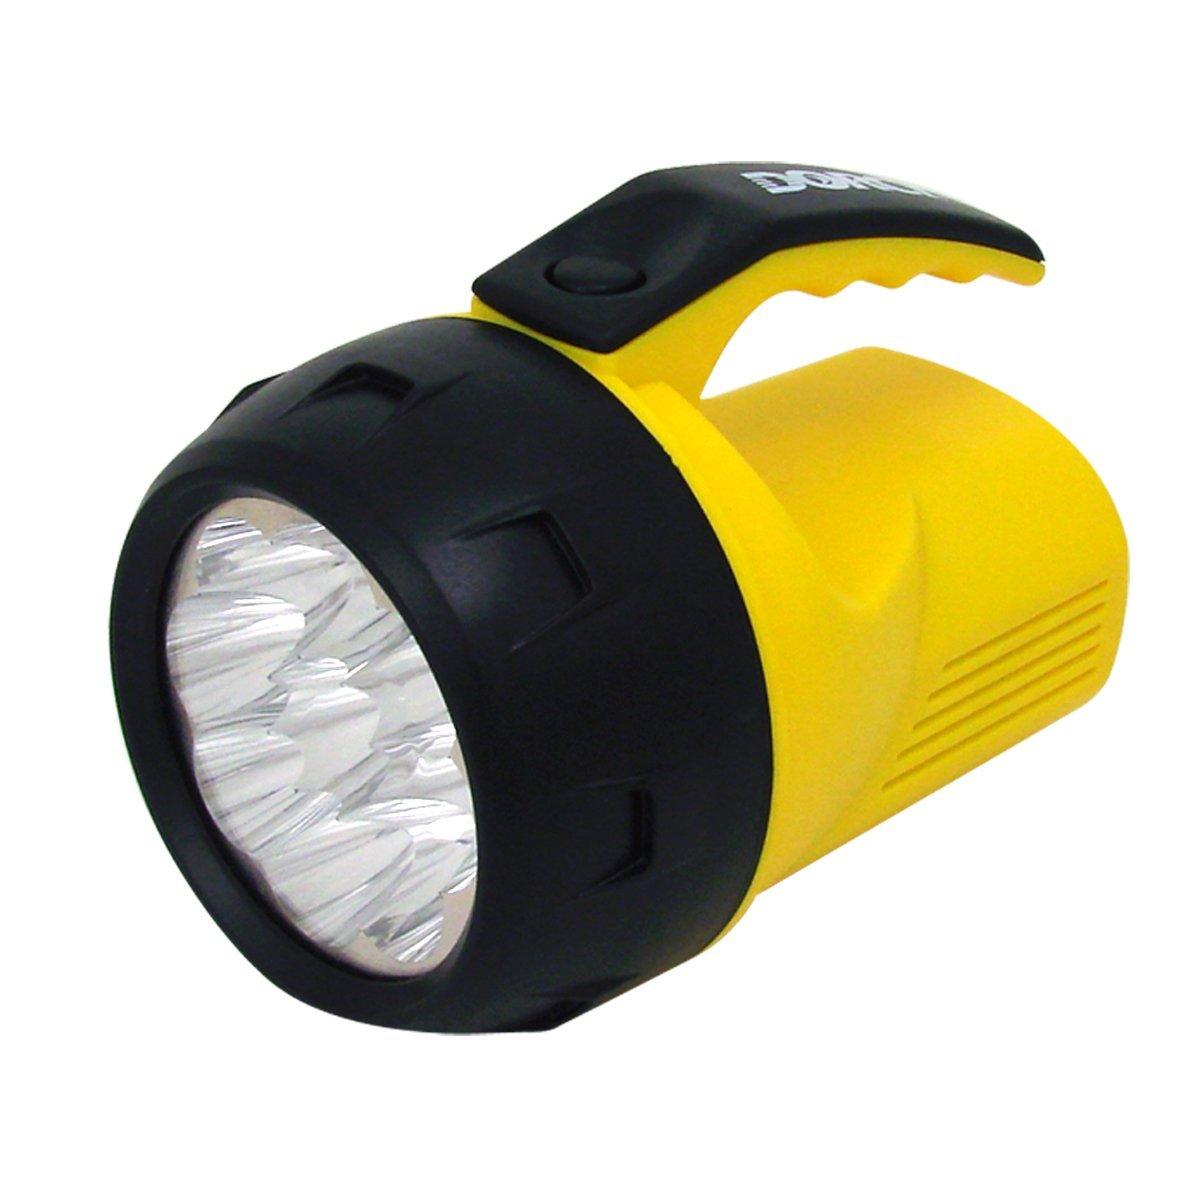 Flashlight elf clip art image